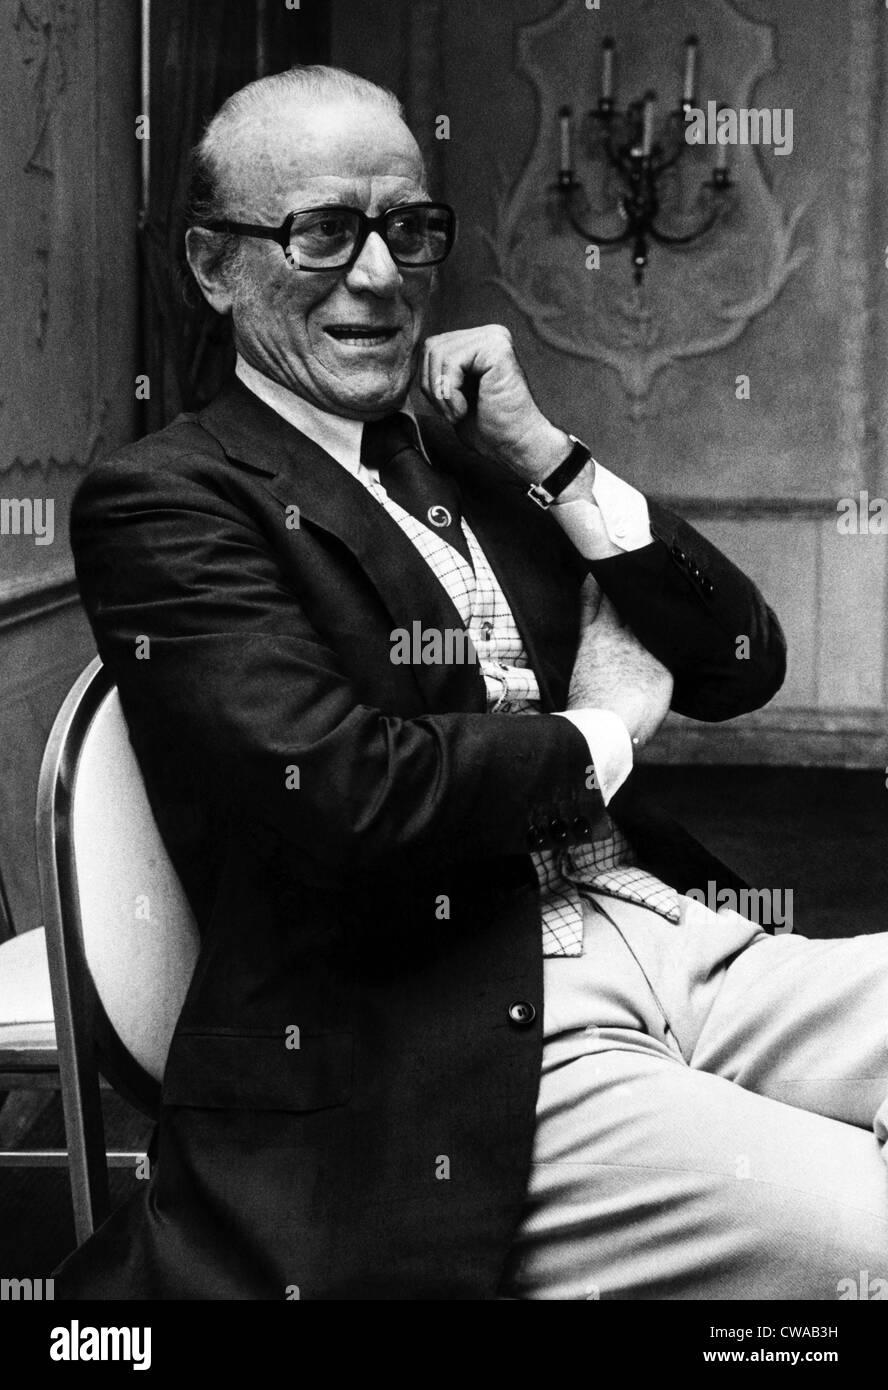 Aldo Gucci. ca. late 1970s. Courtesy: CSU Archives/Everett Collection. - Stock Image